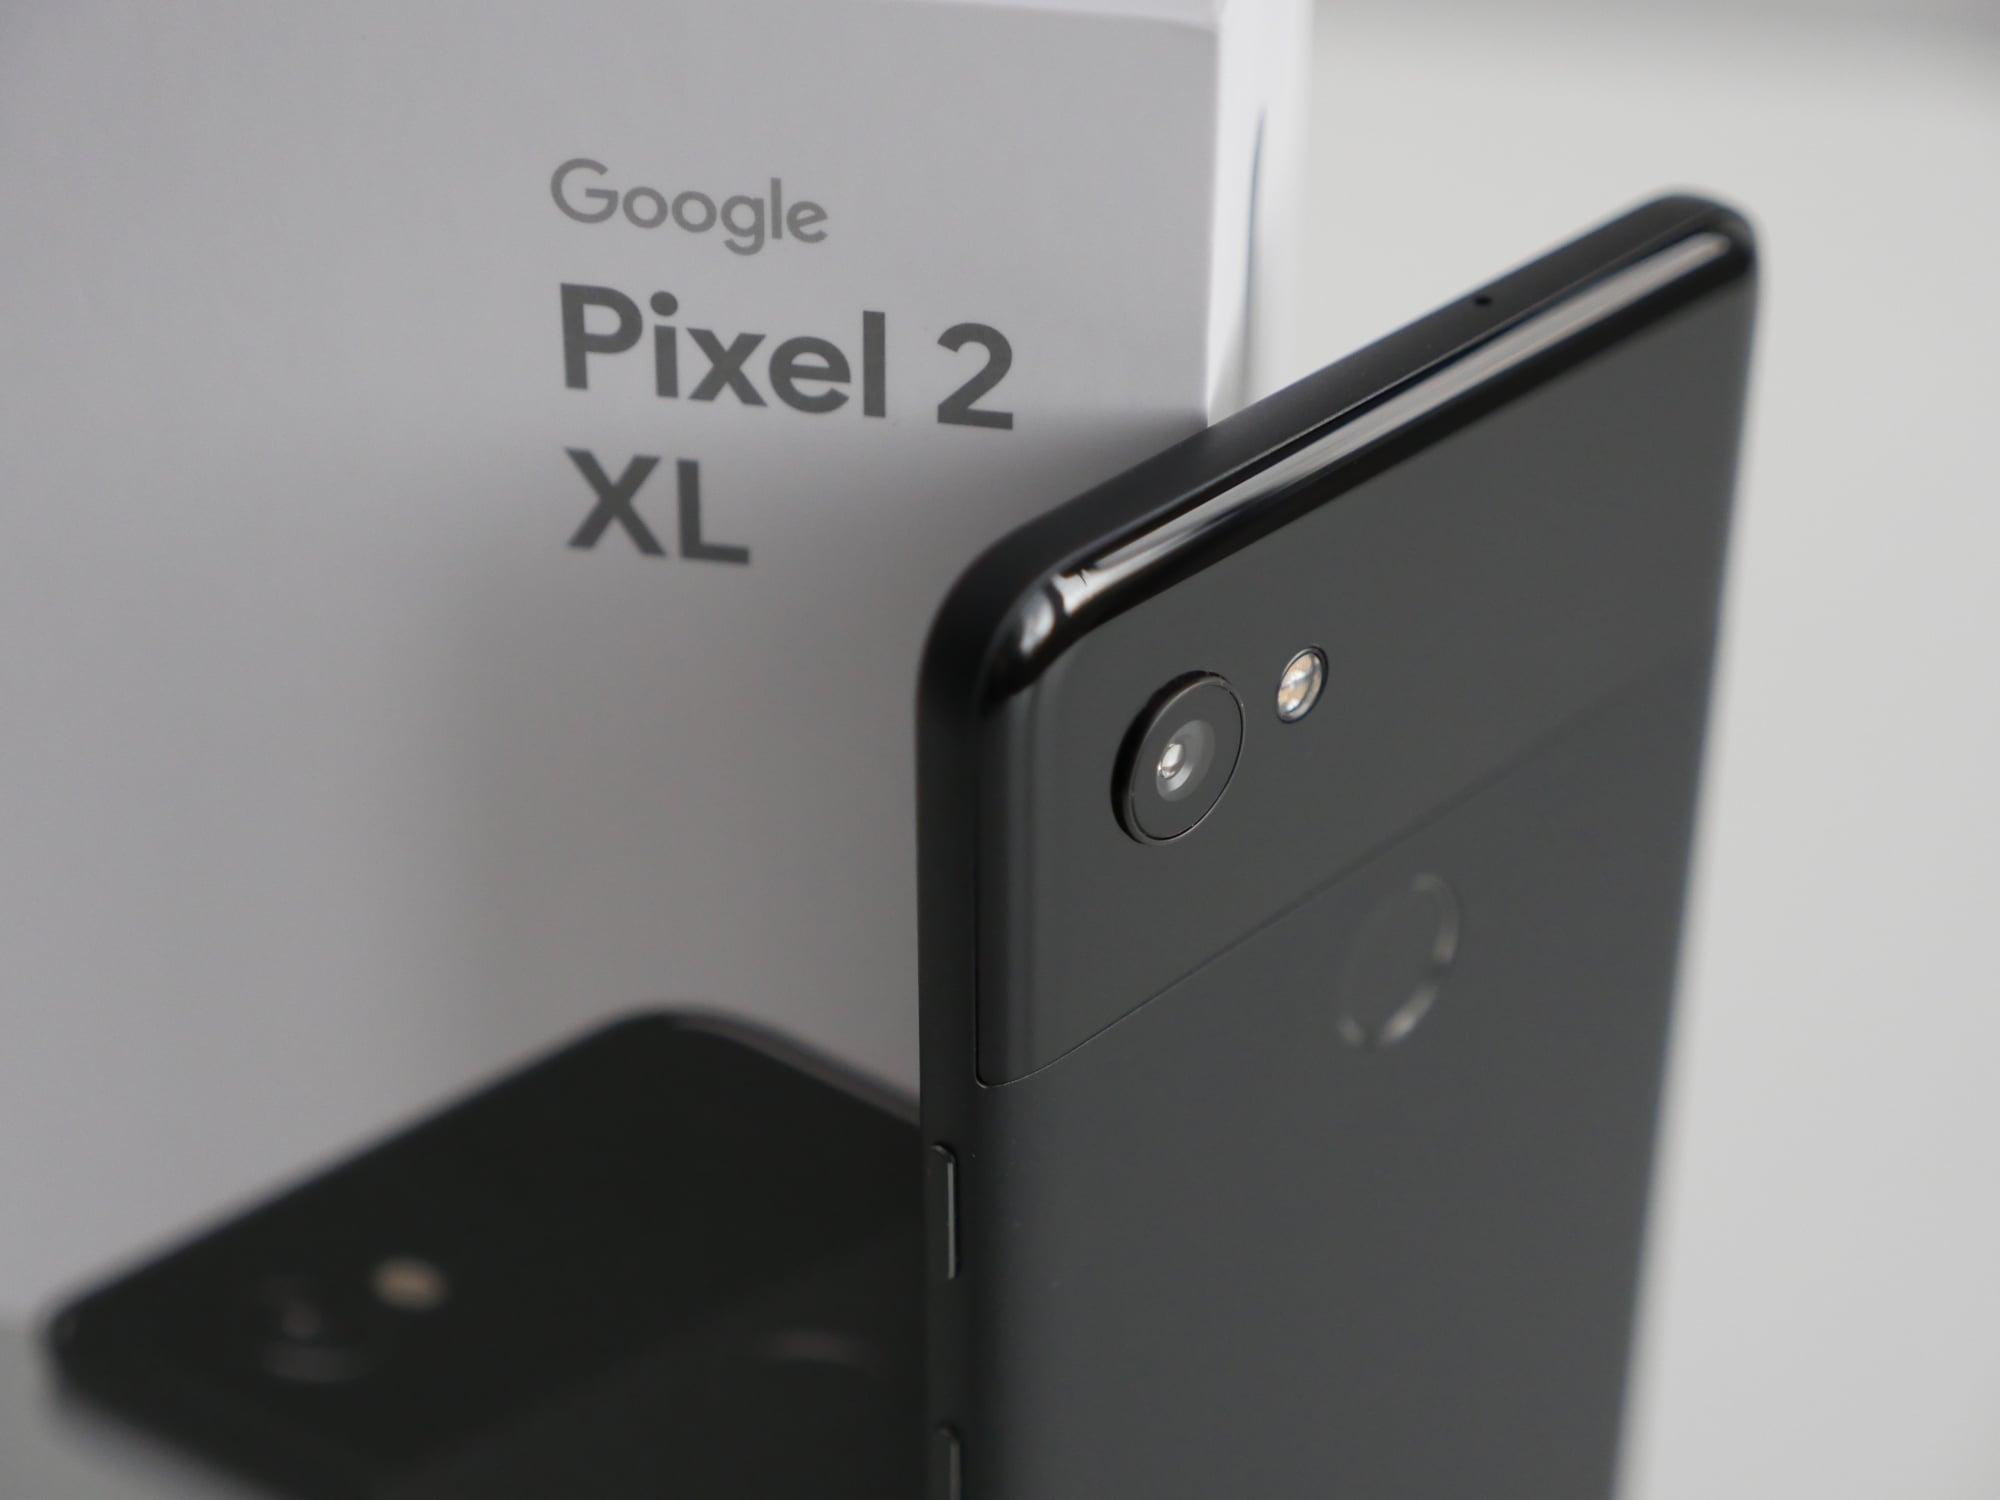 Recenzja Google Pixel 2 XL - iPhone'a wśród Androidów 19